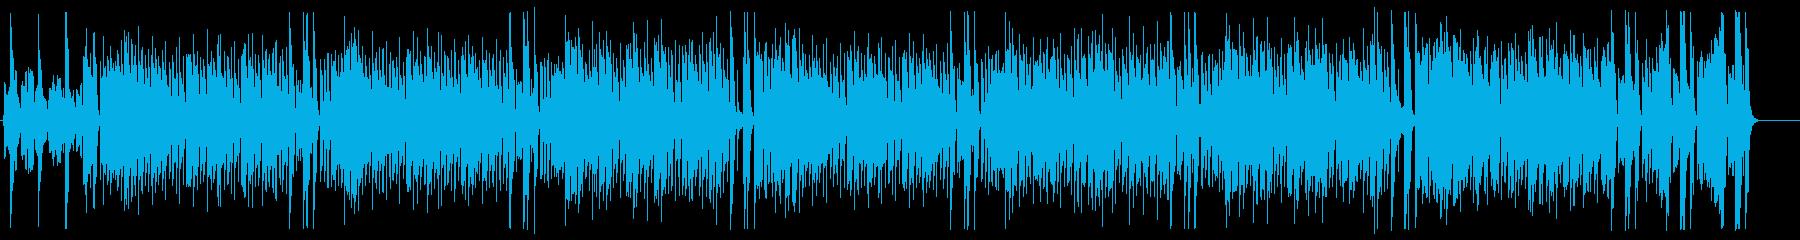 明るいアップテンポで元気なスカの曲の再生済みの波形